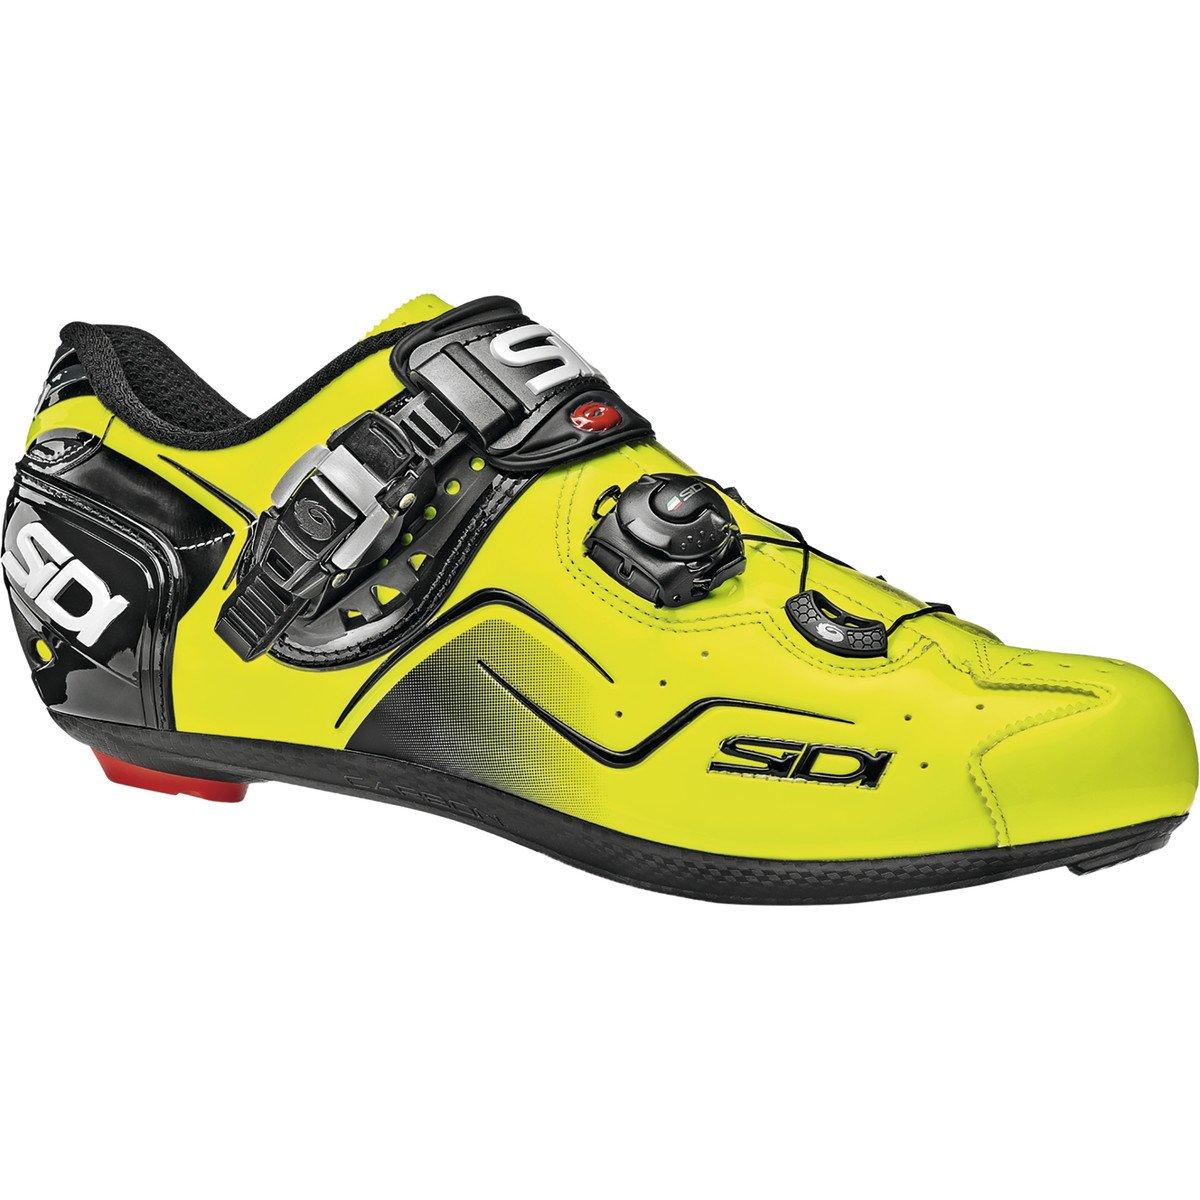 宅配便配送 (シディ) Sidi Kaos Carbon 29cm Fluo Shoes メンズ ロードバイクシューズYellow Fluo [並行輸入品] (45) 日本サイズ 29cm (45) Yellow Fluo B07G775JSQ, mask dB:a6eb7e85 --- by.specpricep.ru